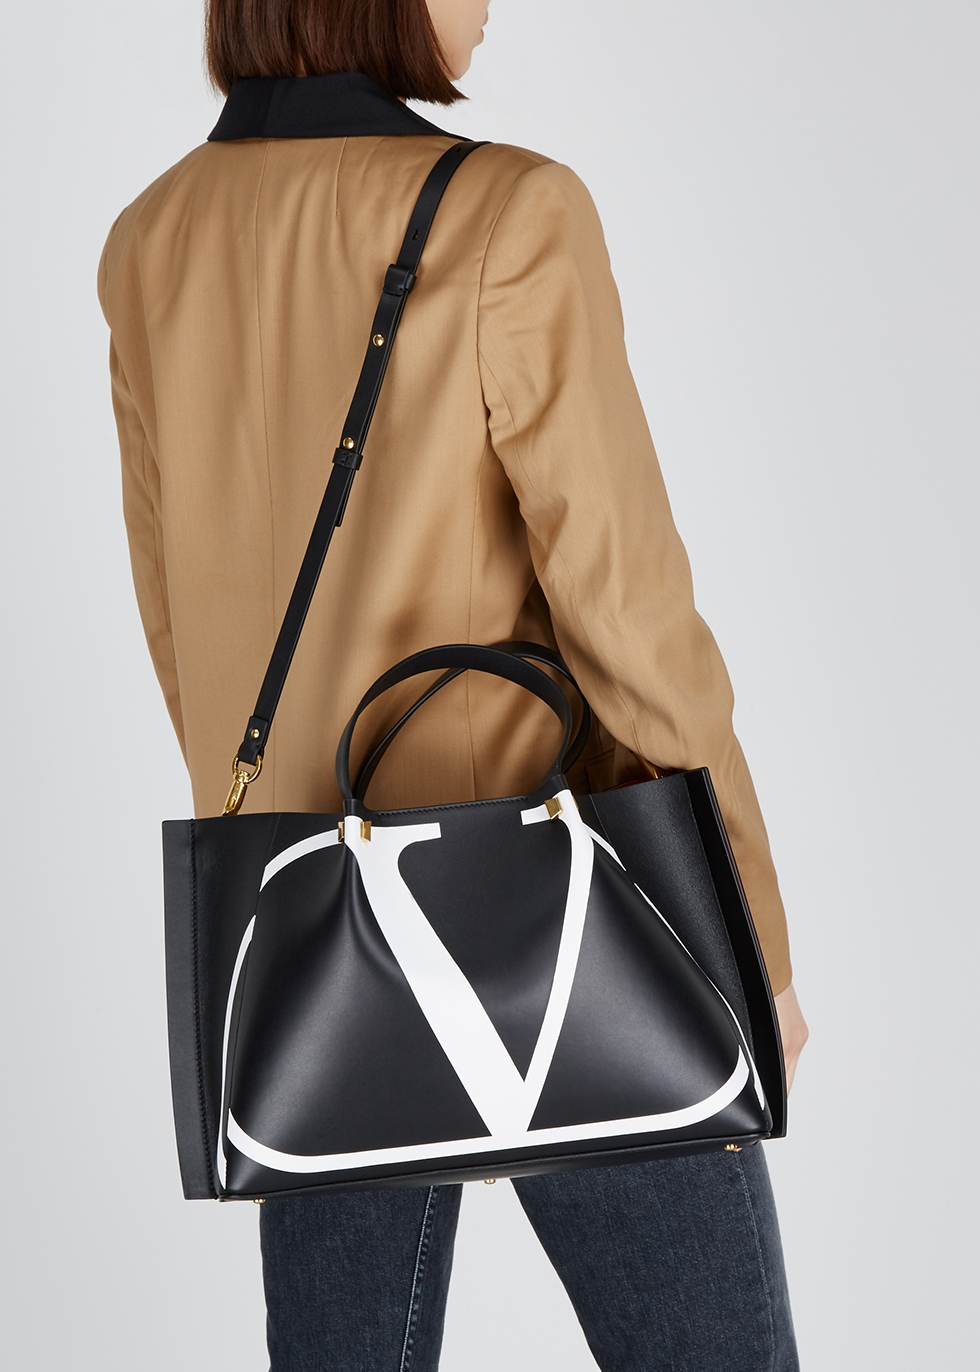 Escape black leather logo tote - Valentino Garavani